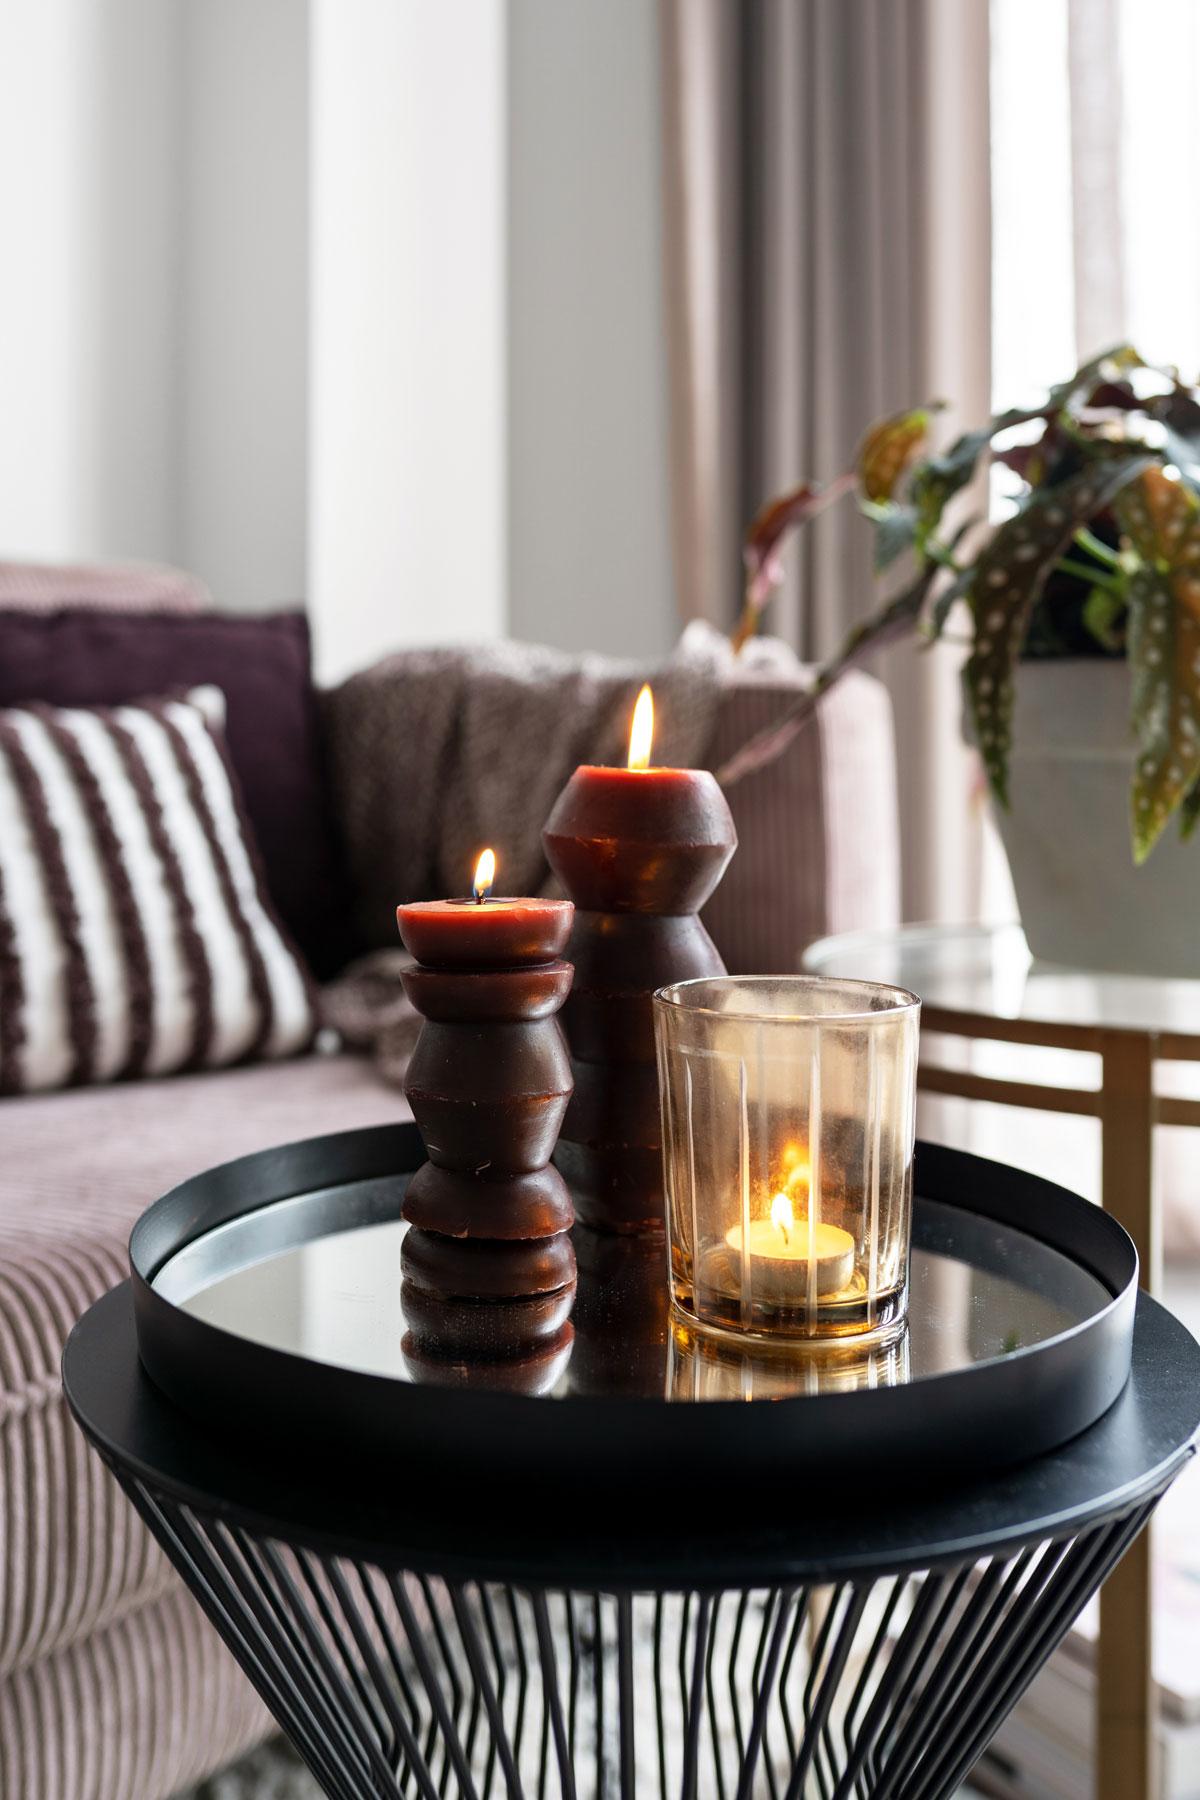 Herfst in huis kaarsen - Tanja van Hoogdalem